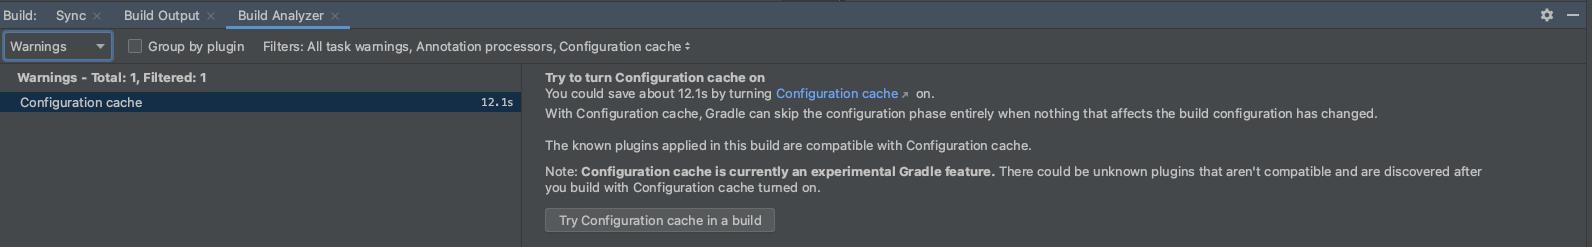 Configuração de informações de cache no Build Analyzer